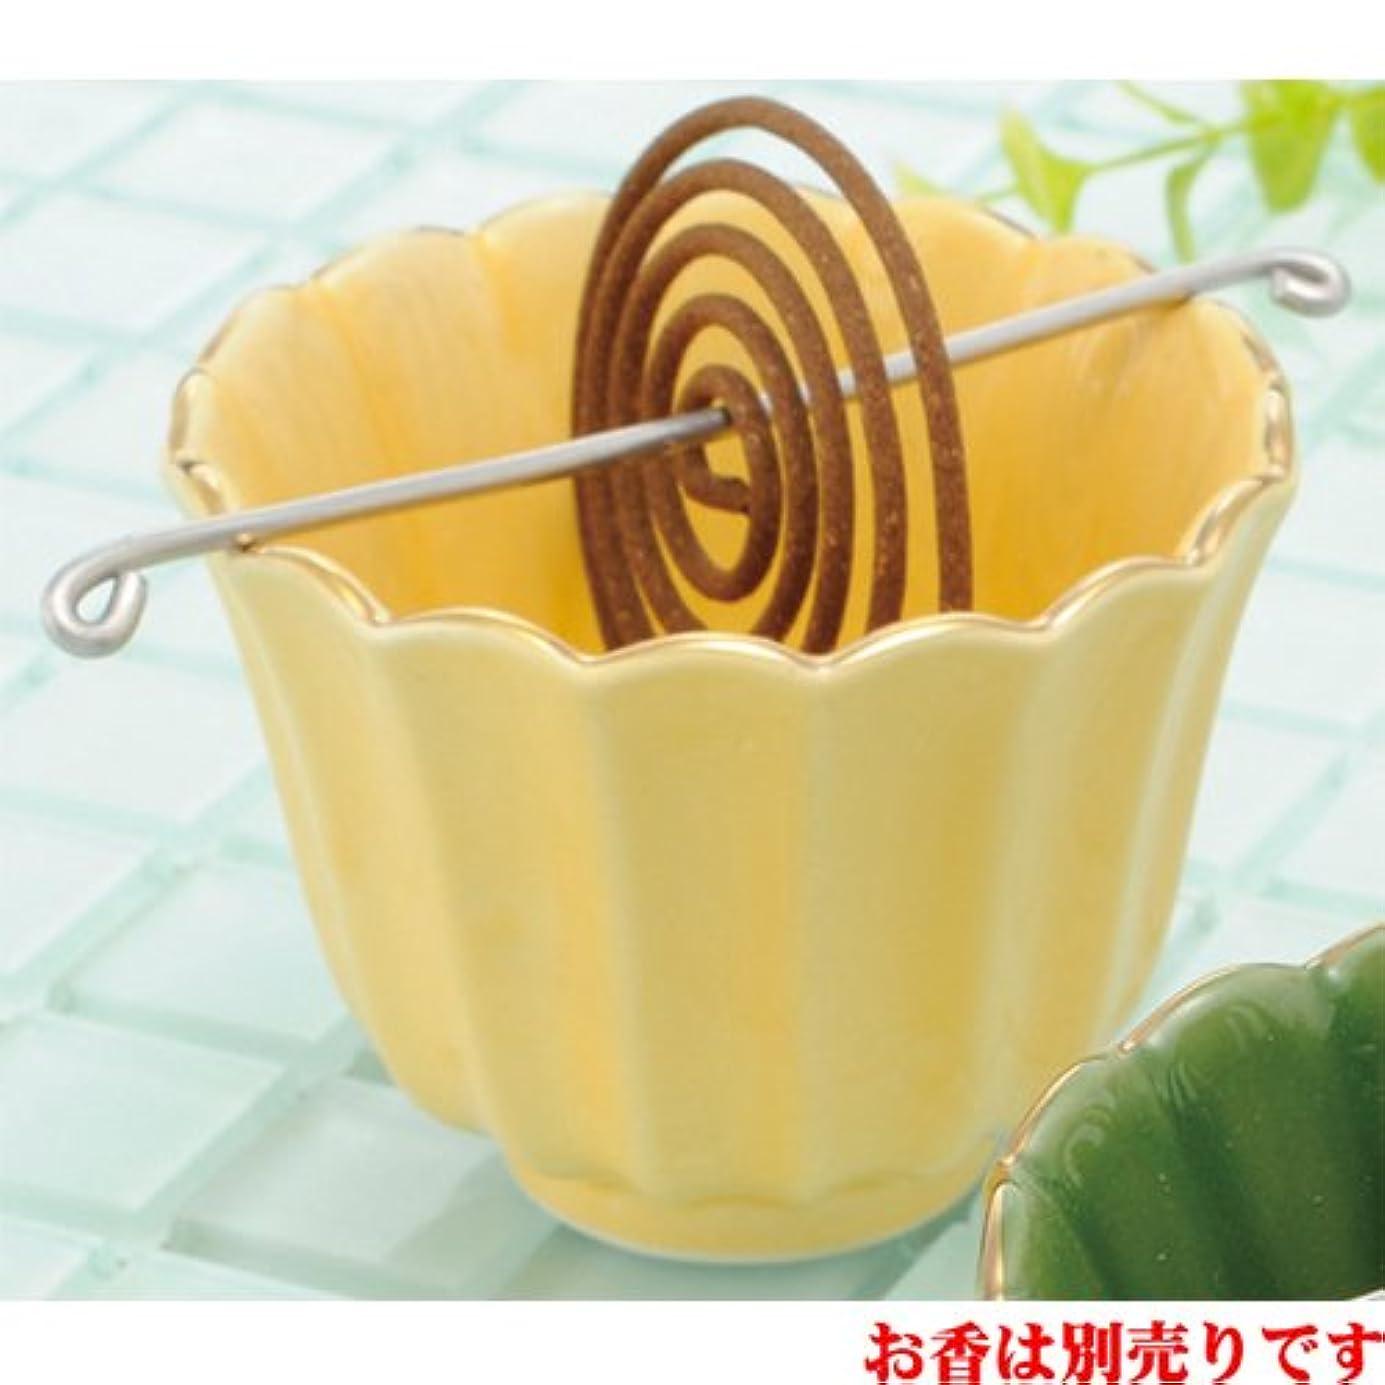 警察署おもてなし平均香皿 菊型 香鉢(黄) [R8xH6.3cm] プレゼント ギフト 和食器 かわいい インテリア